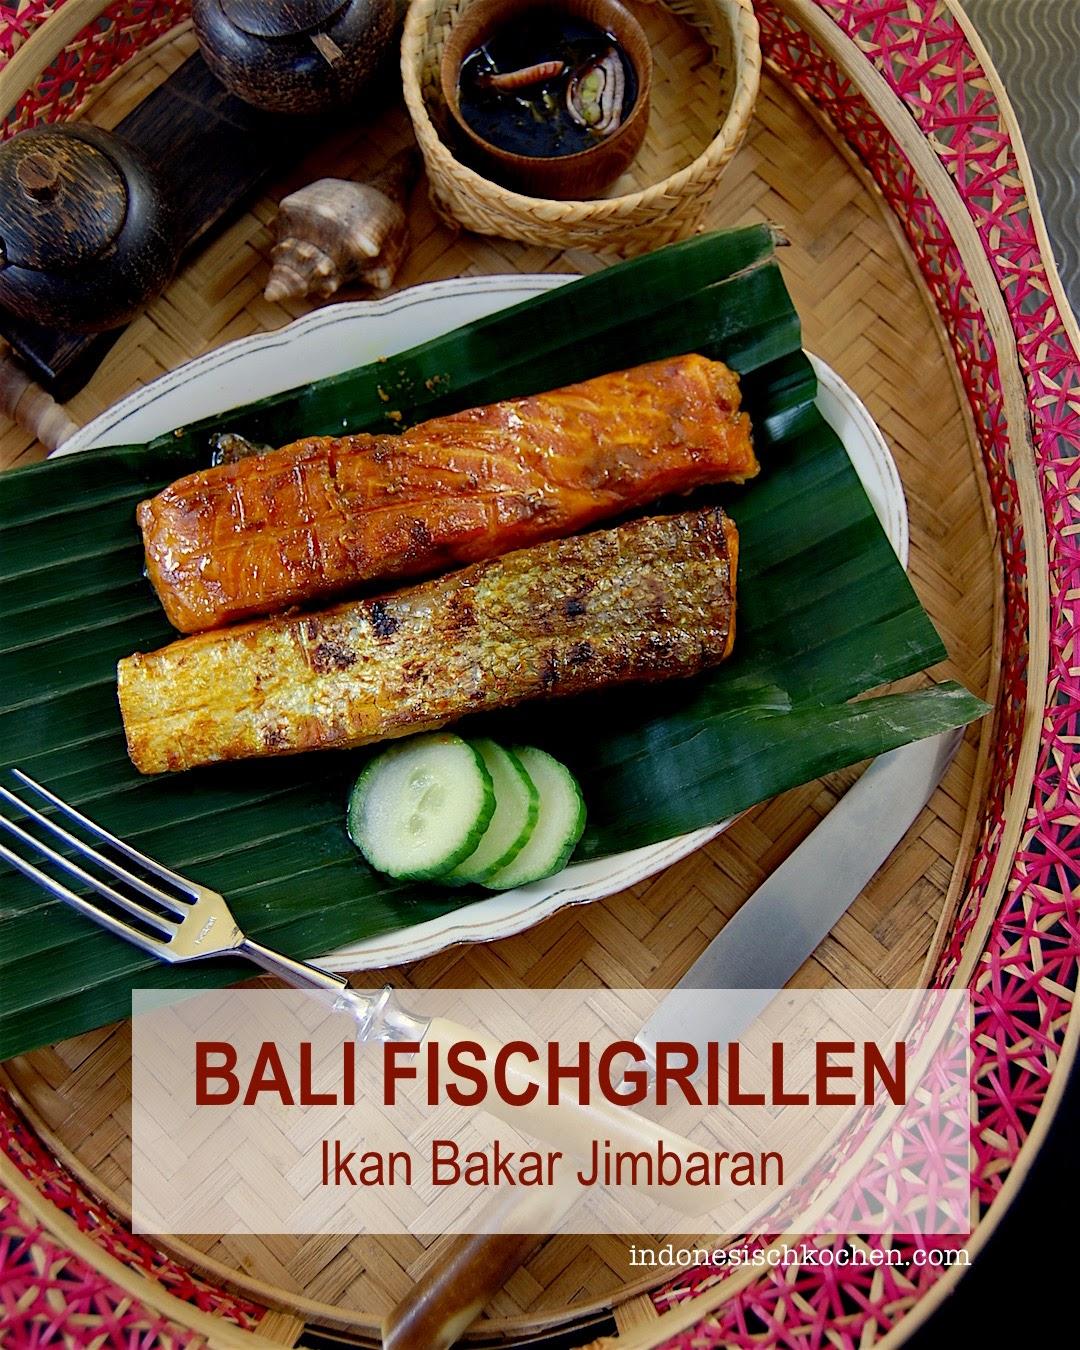 Rezept Ikan Bakar Jimbaran, Bali Fischgrillen